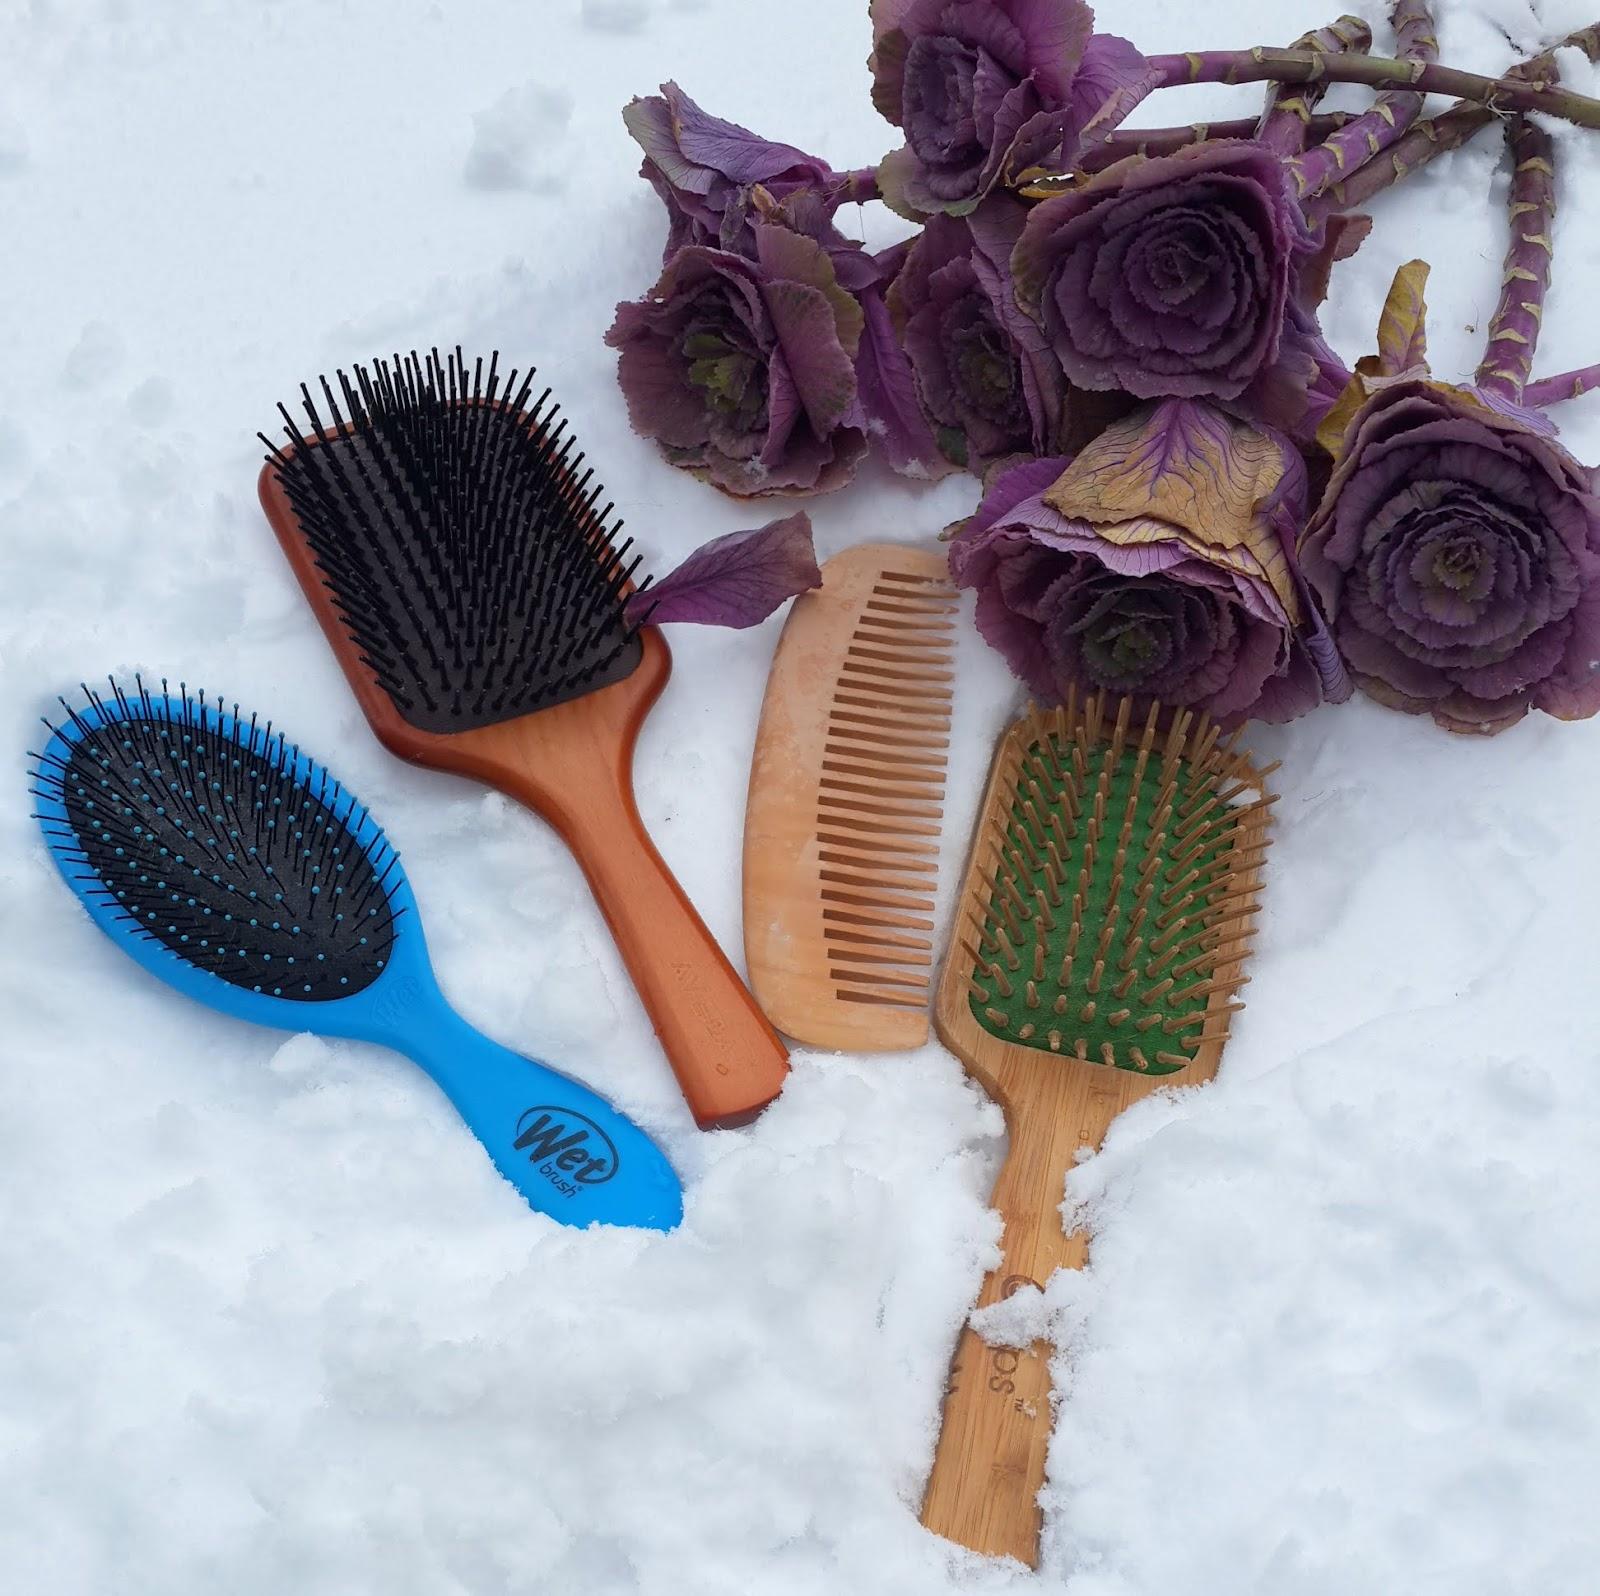 Fırça ve taraklar nasıl temizlenir